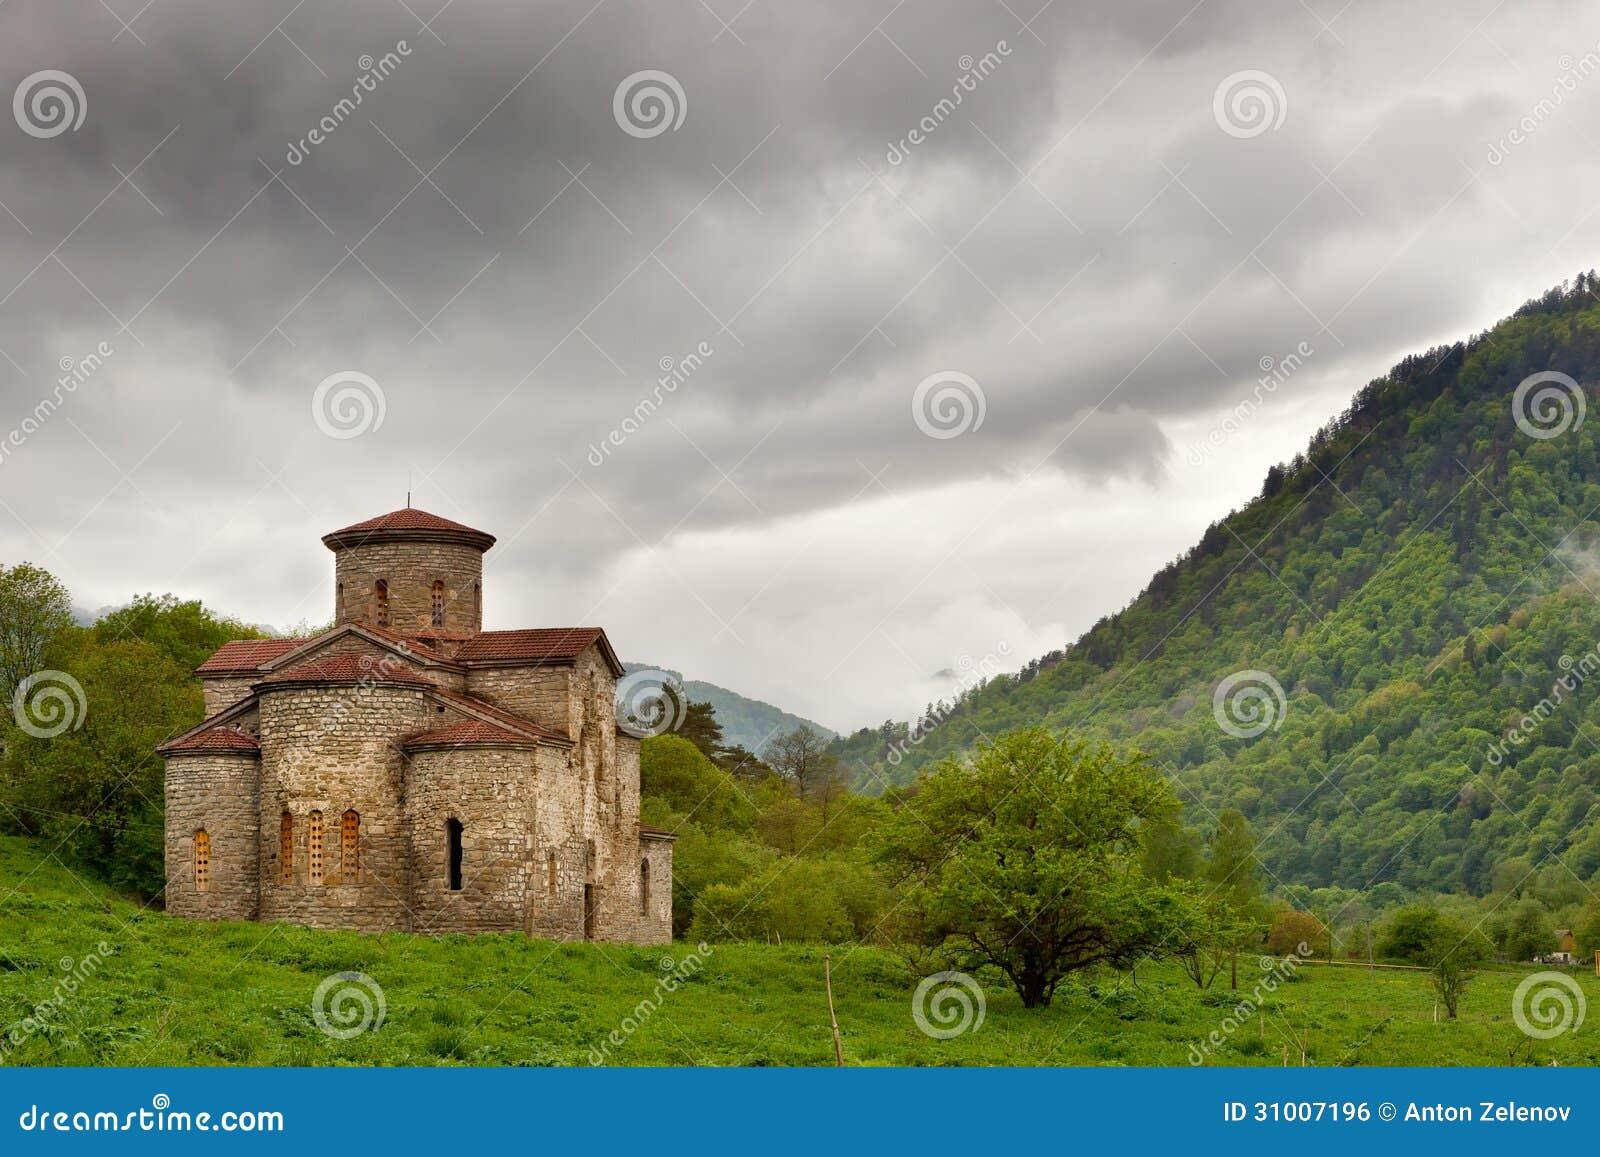 �9��yl#�+Ni+�ZJ~Zh_zelenchuksky教会中央教会在nizhnearkhyzskoe gorodishche附近废墟的